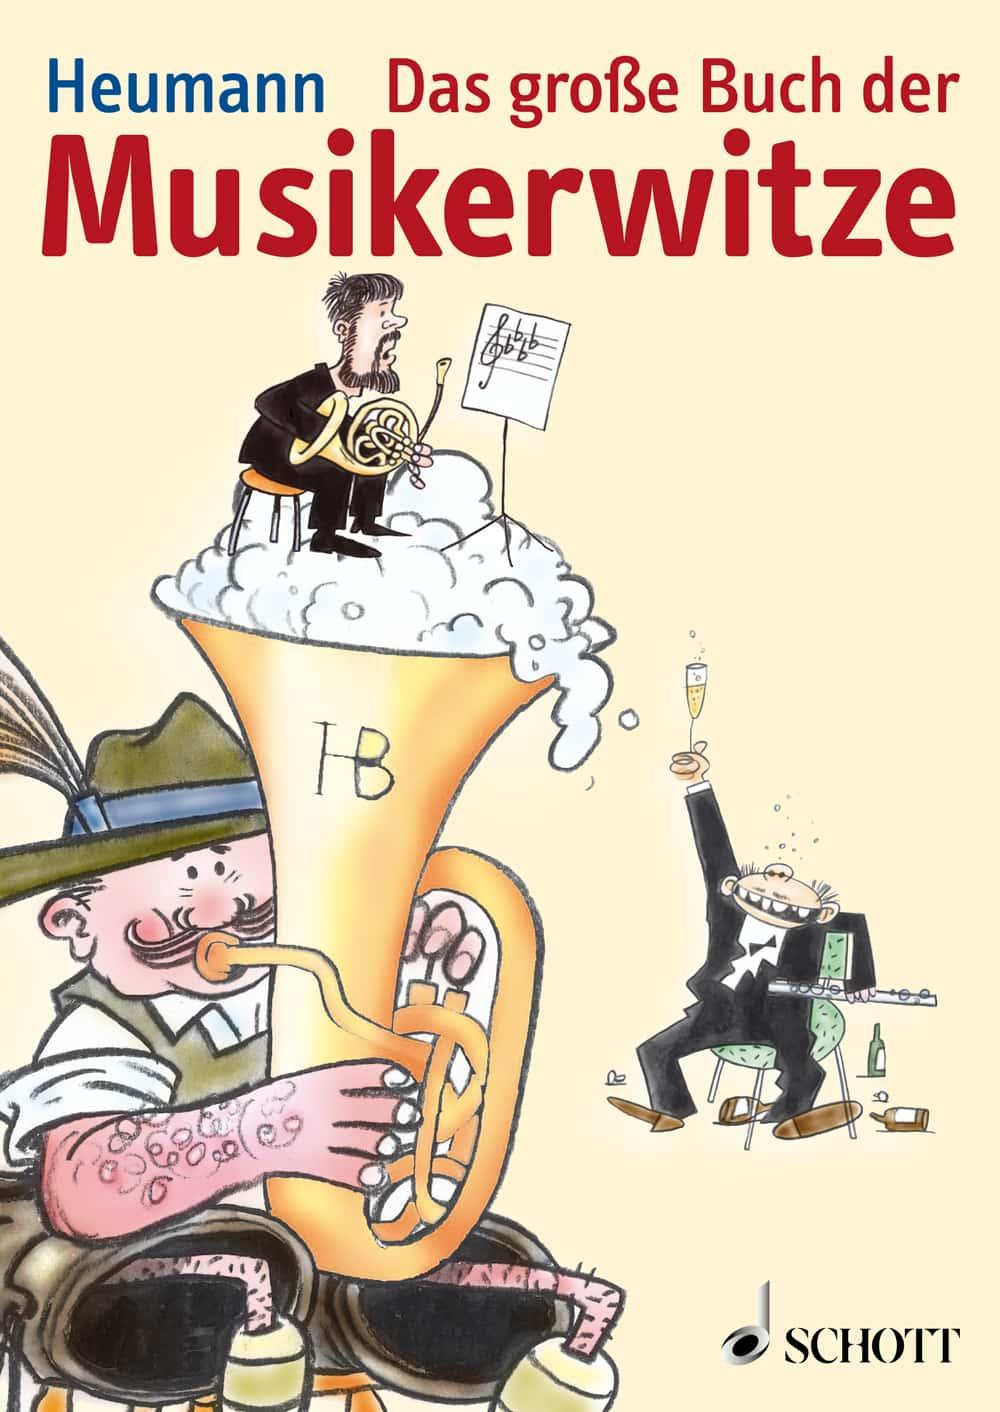 Das große Buch der Musikerwitze